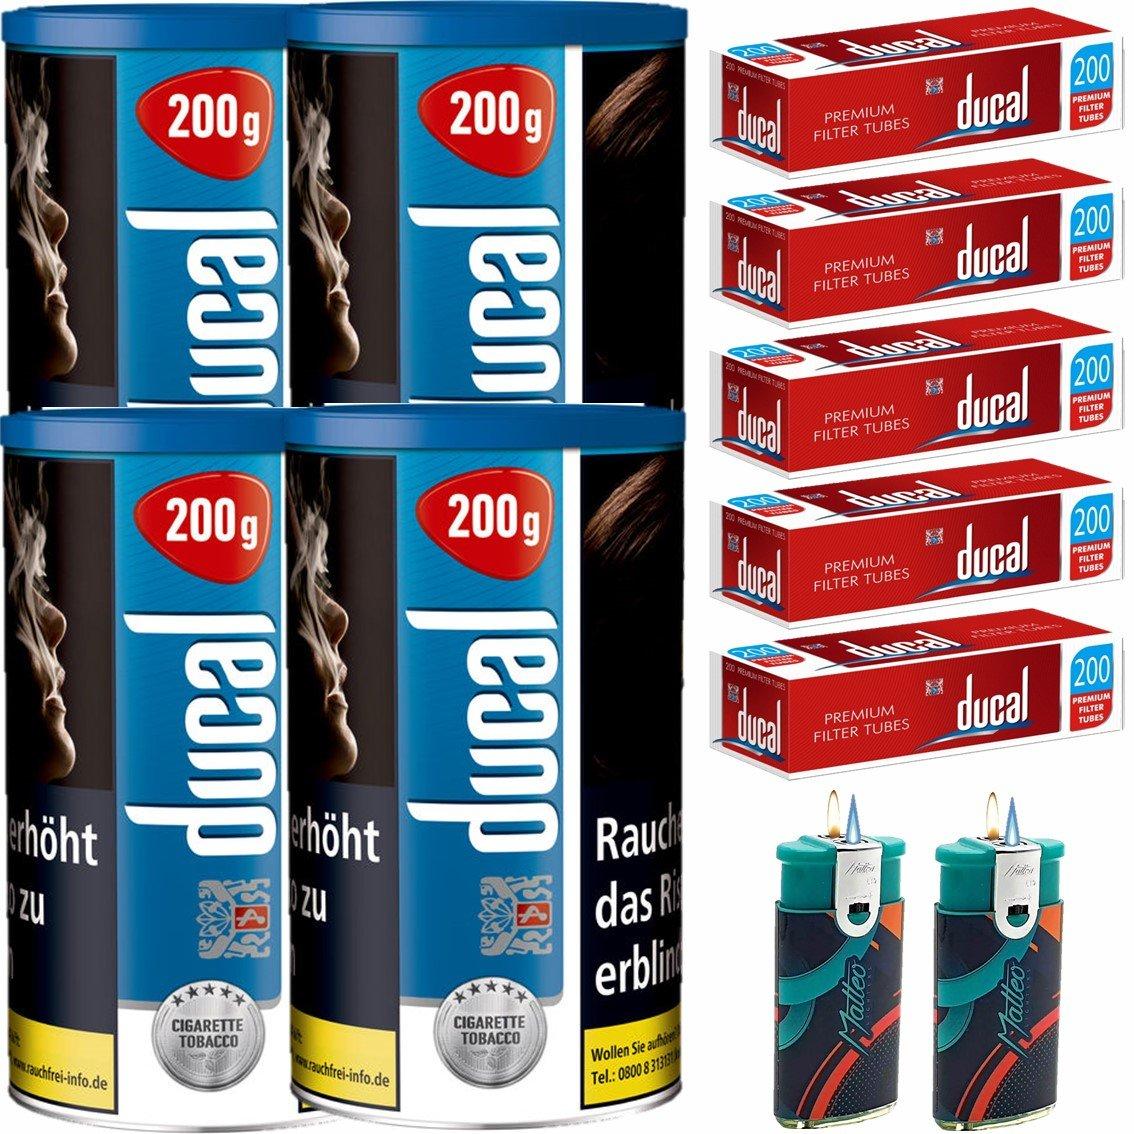 Ducal Blue / Blau 4 x 200g Feinschnitt / Zigarettentabak 1000 Filterhülsen Uvm.